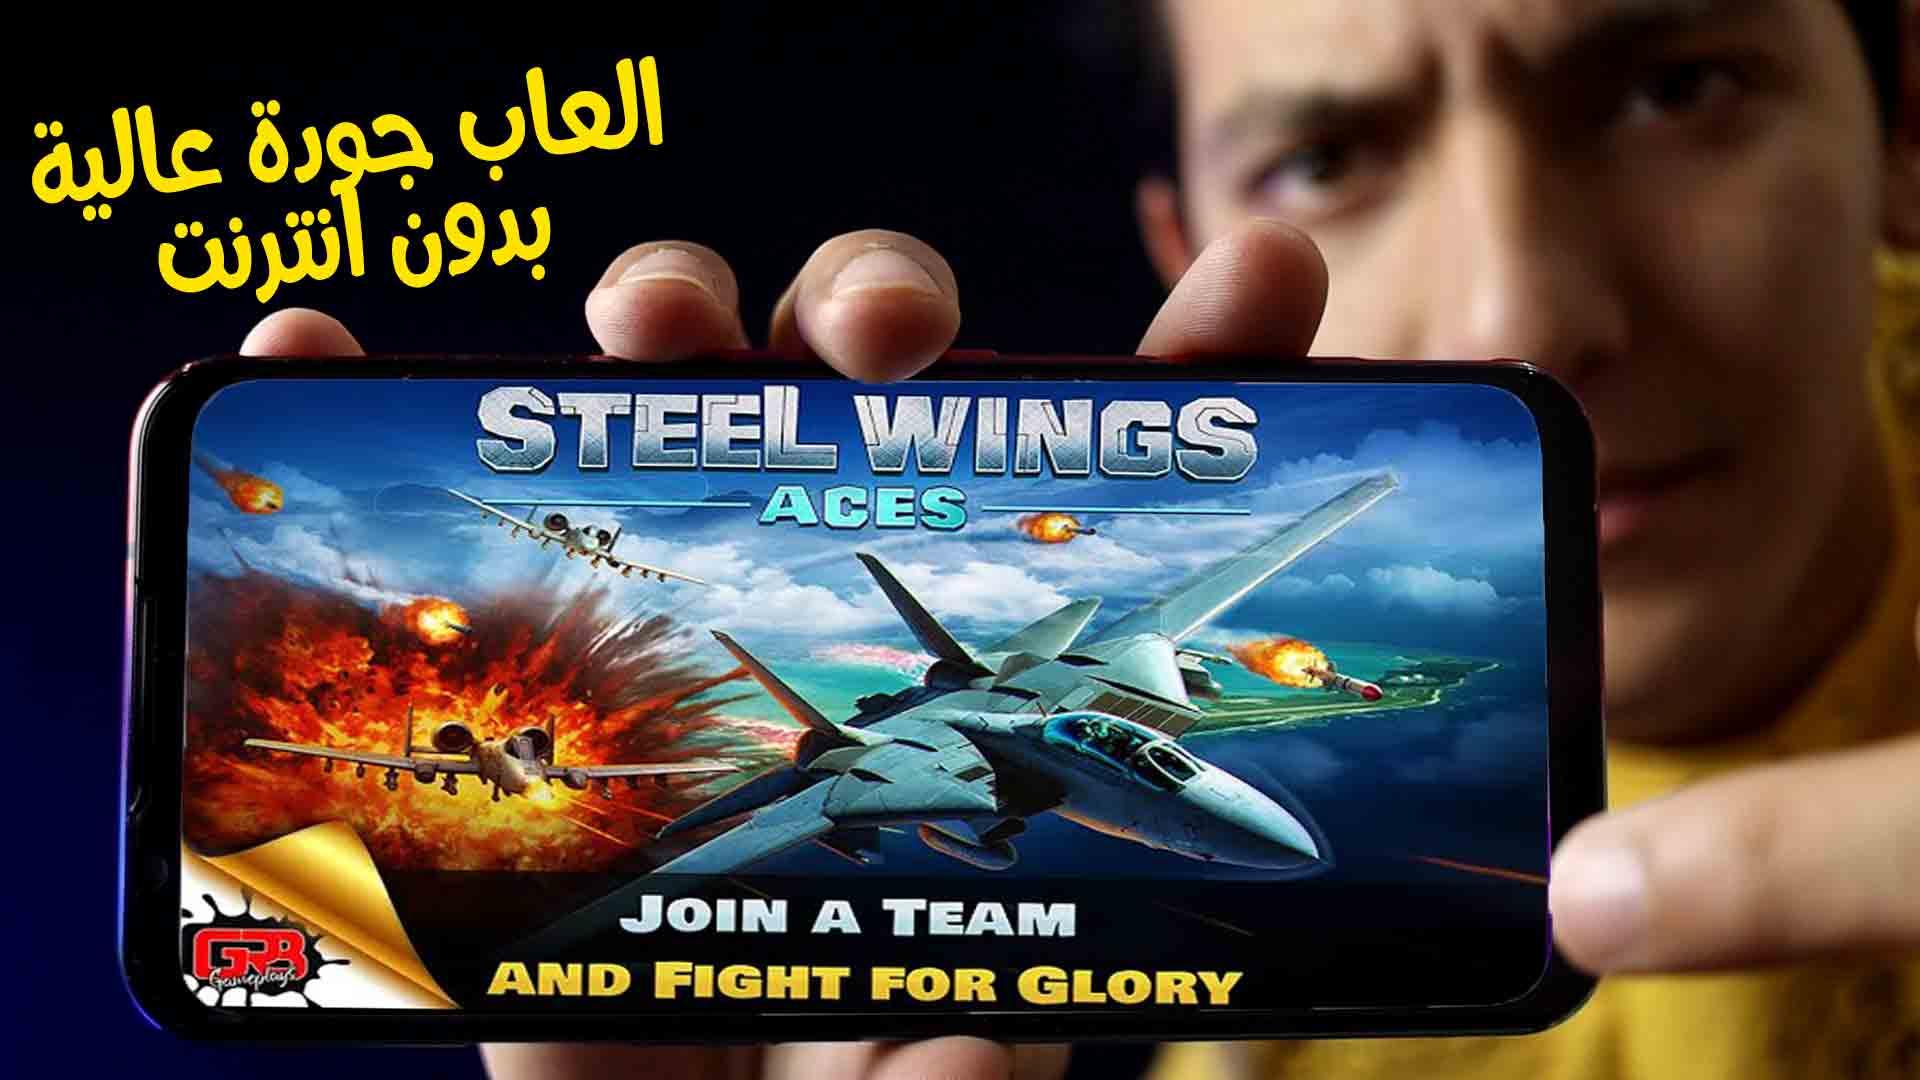 اروع العاب مغامرات الطائرات الحربية (steel wings) للاندرويد (بدون نت)